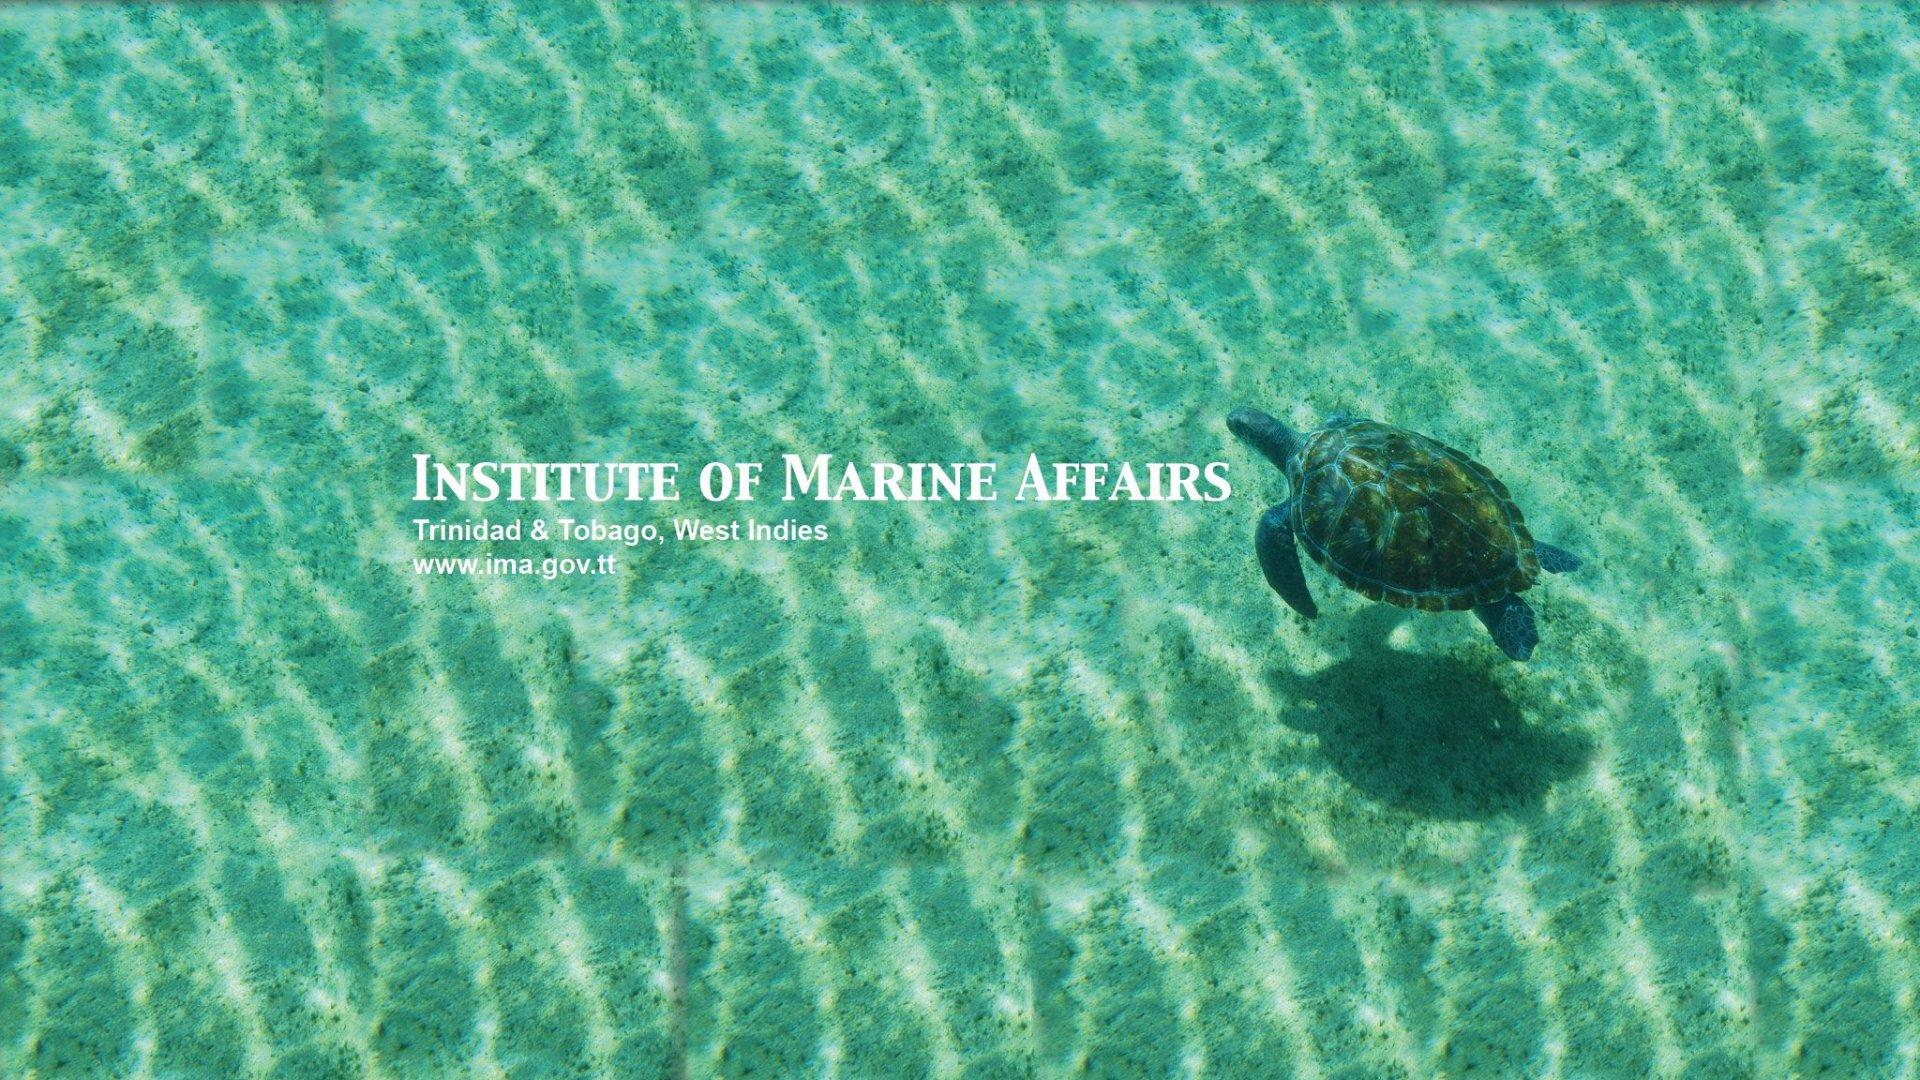 Institute of Marine Affairs